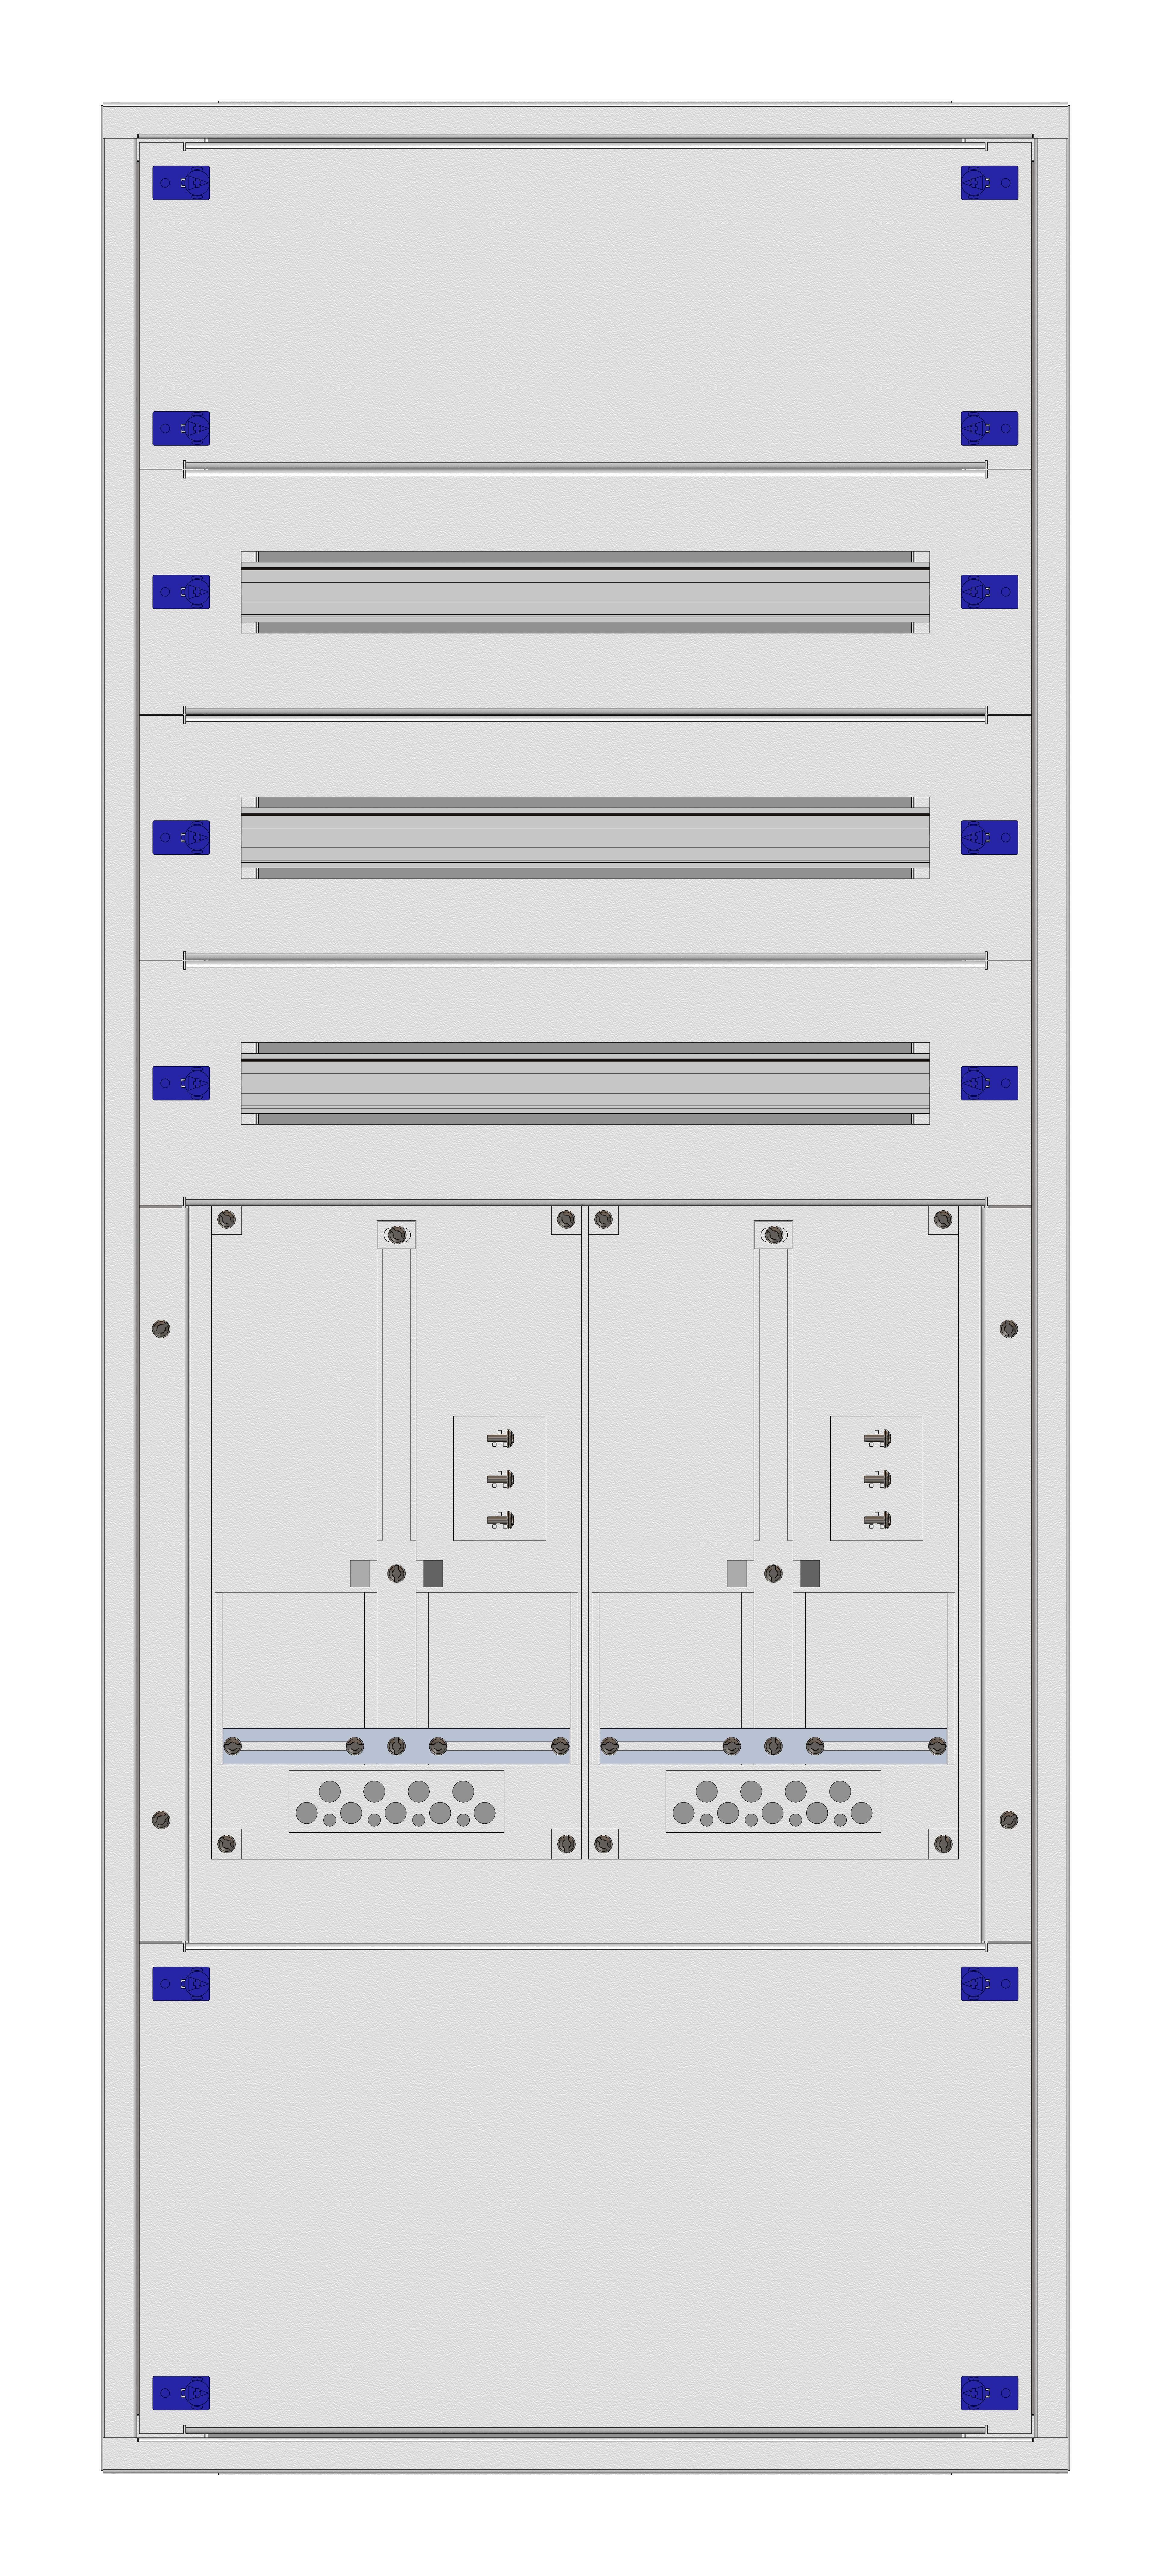 1 Stk Aufputz-Zählerverteiler 2A-28E/TIR 2ZP, H1380B590T250mm IL160228TS